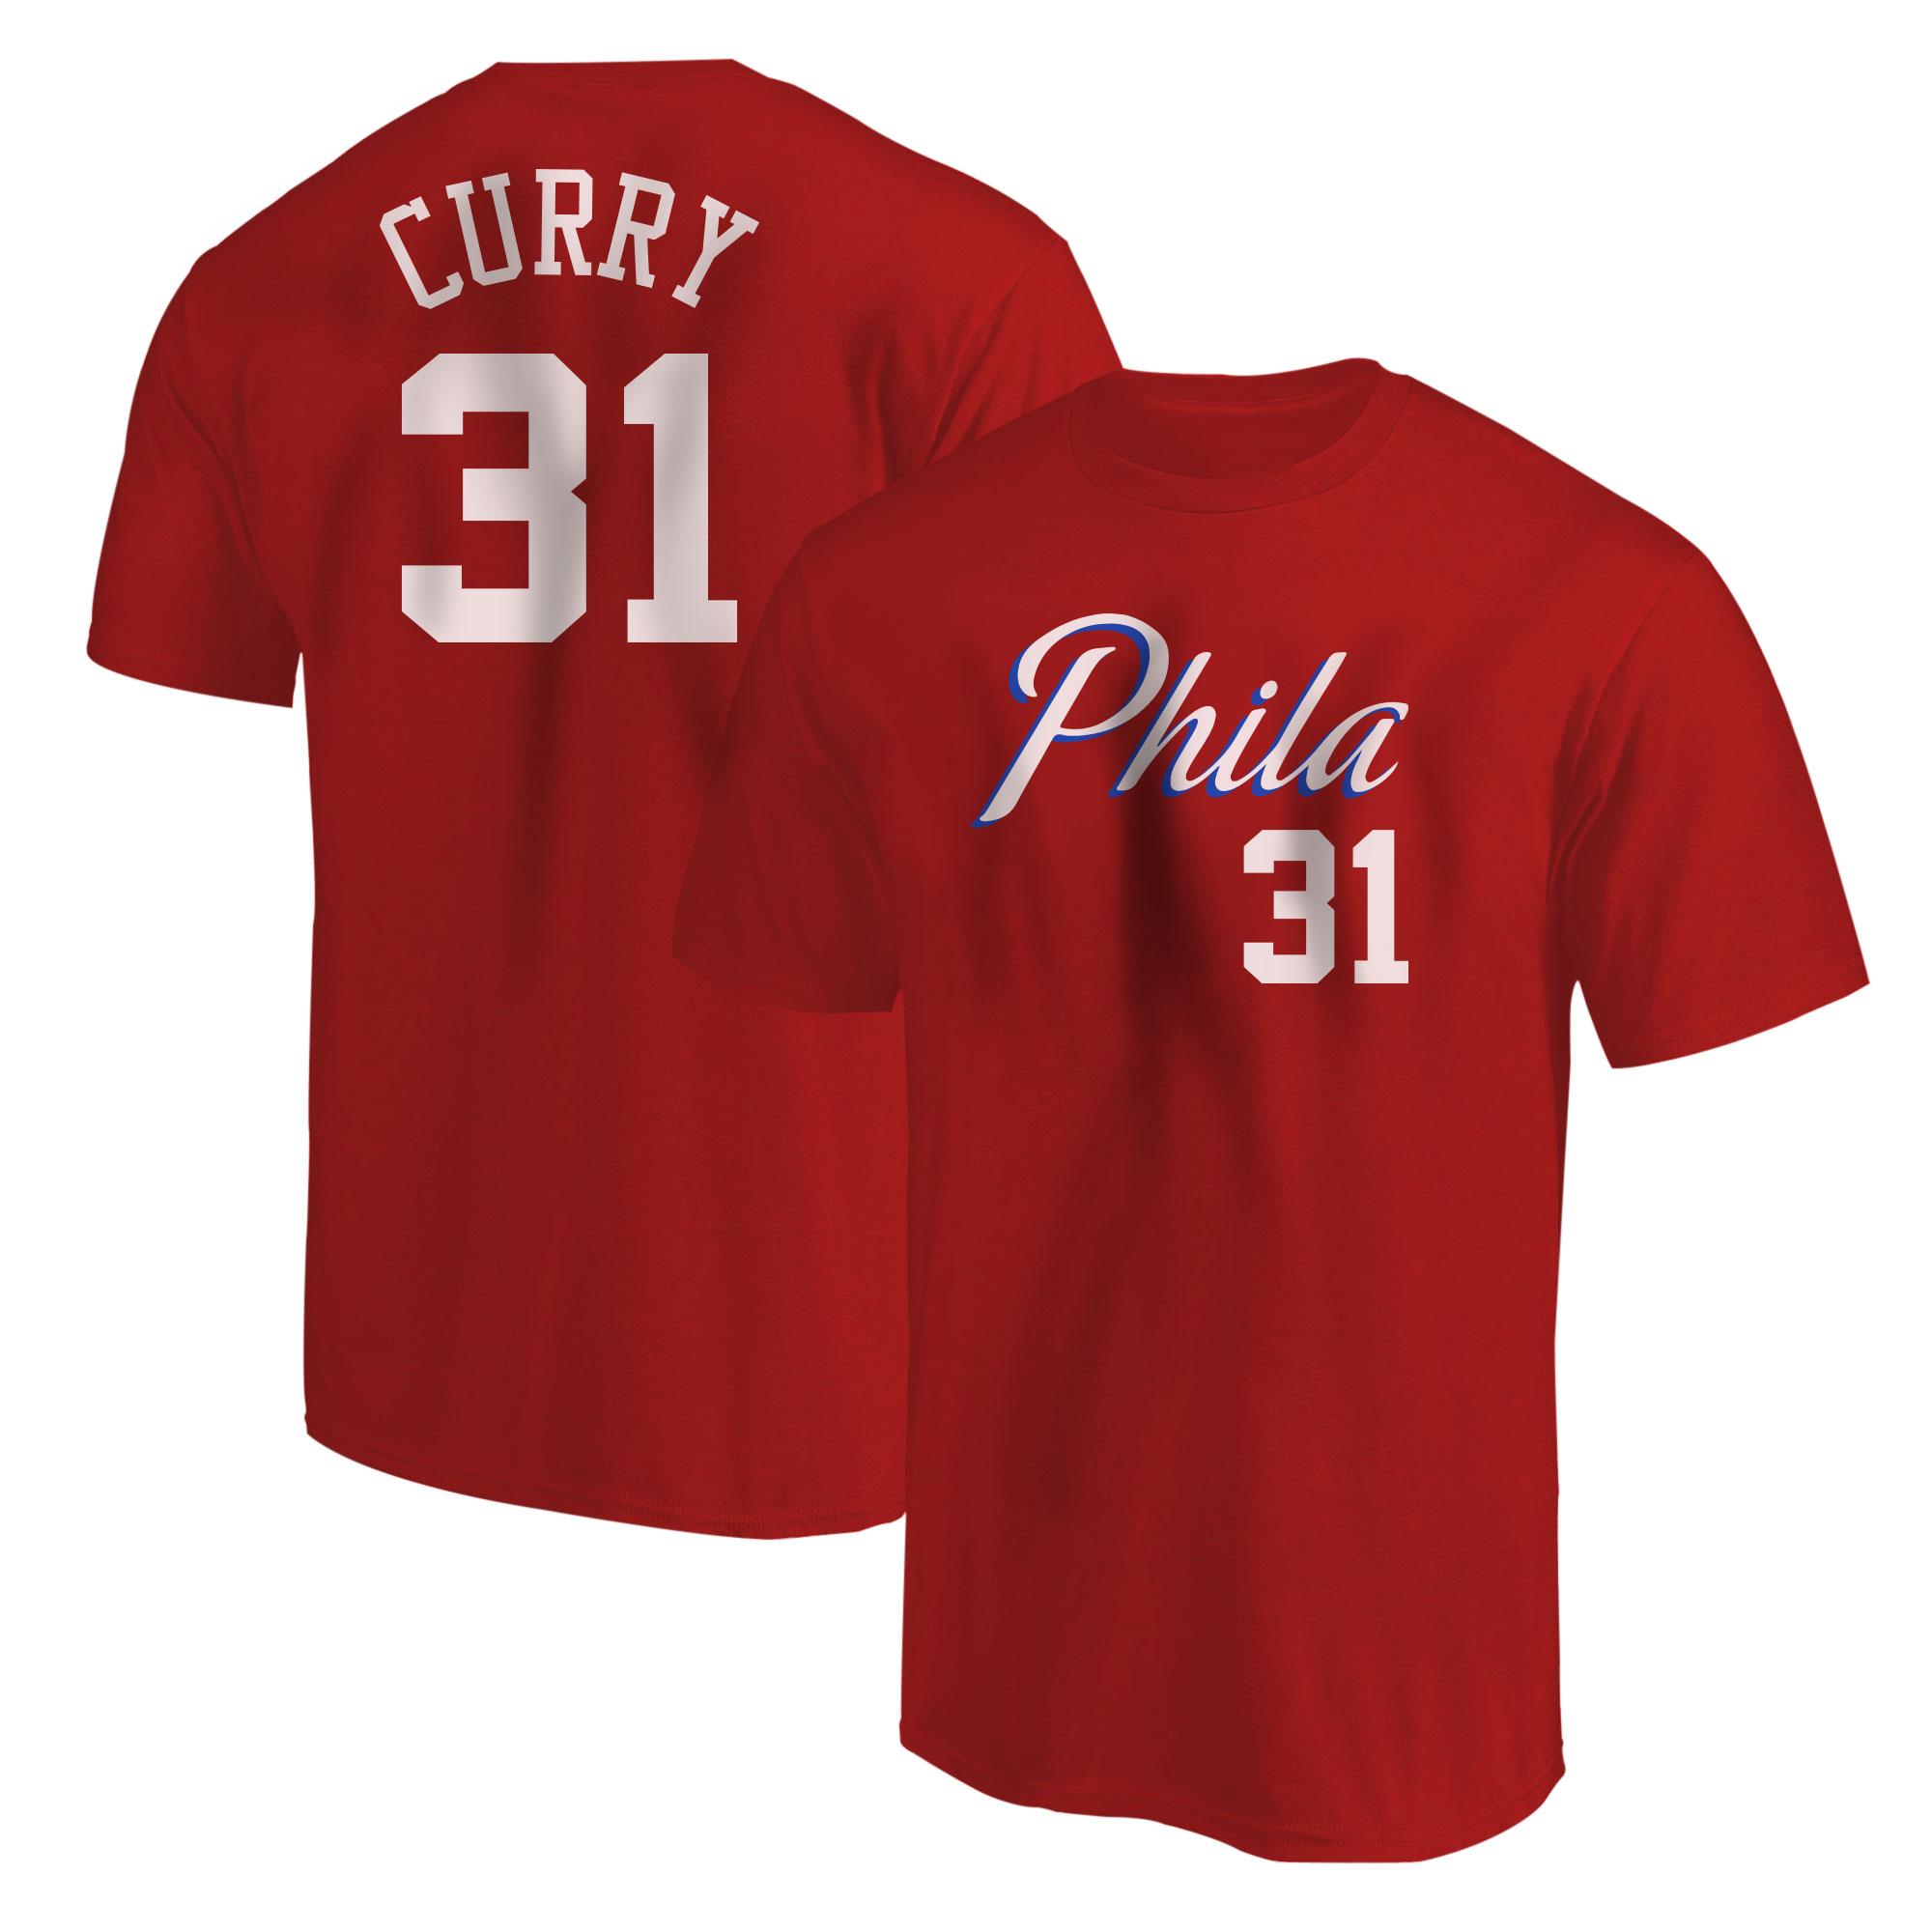 Philadelphia 76ers Seth Curry Tshirt (TSH-RED-PLT-504-31)